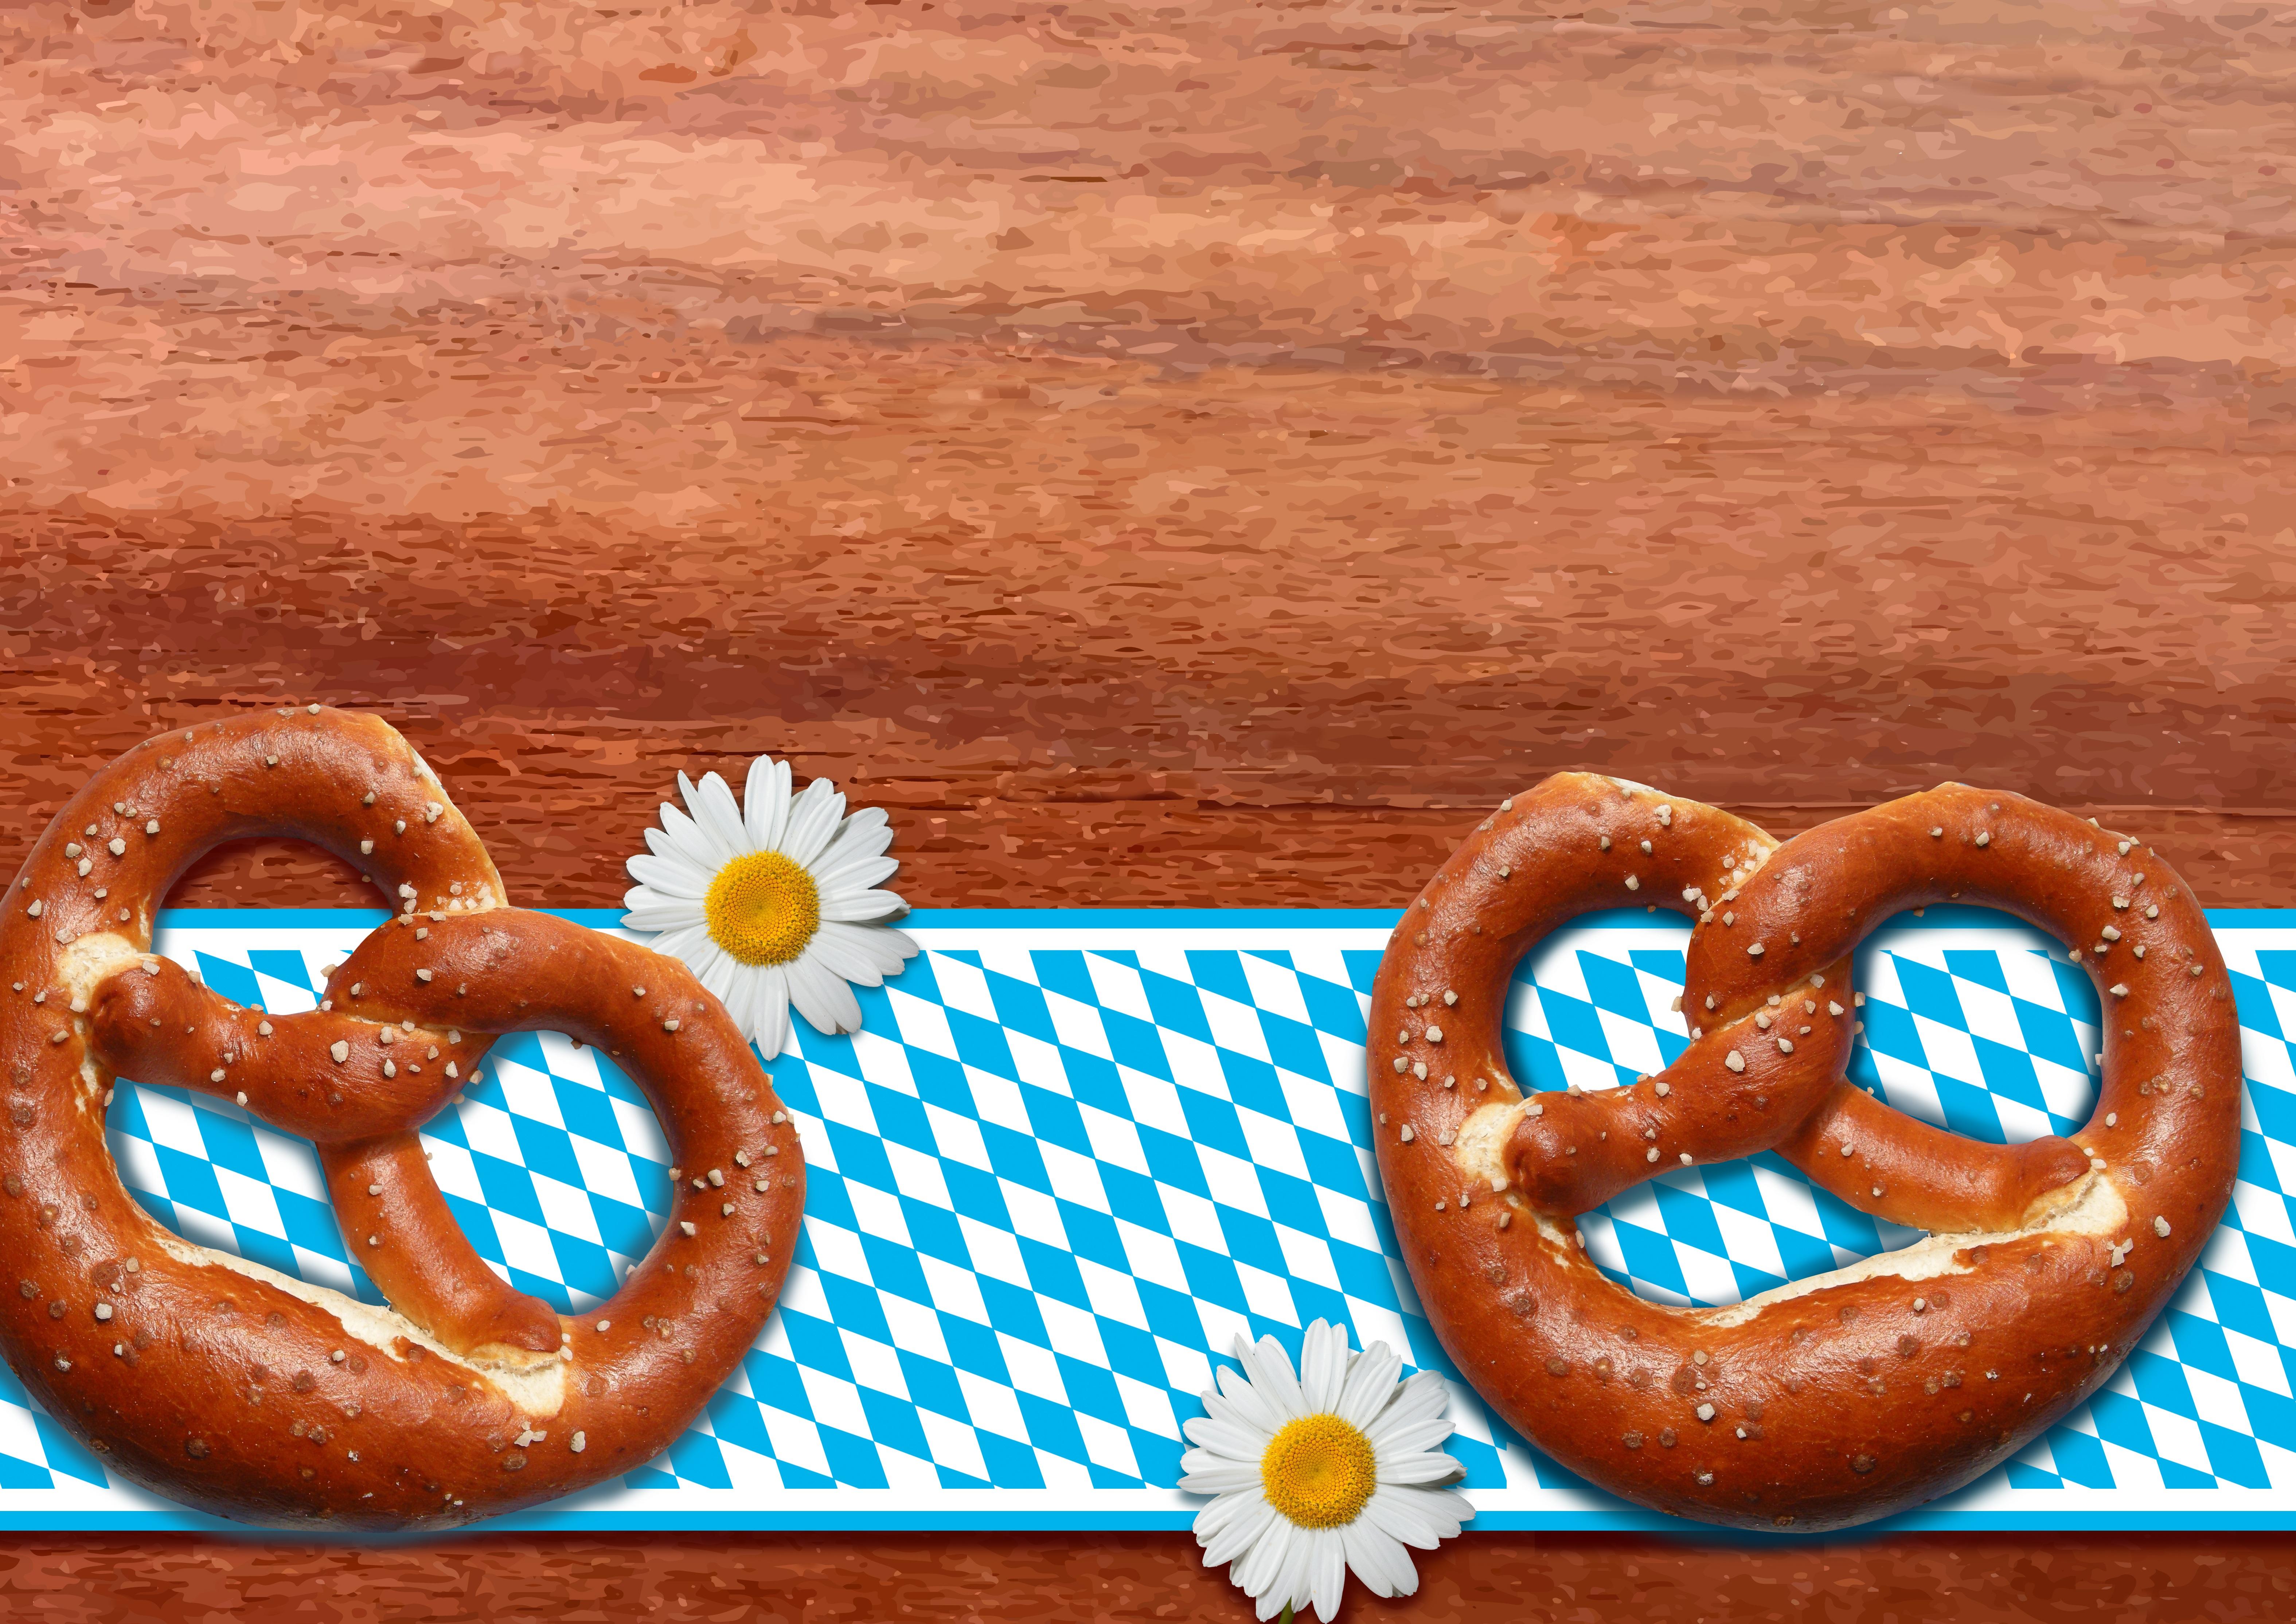 Munich Food Festival